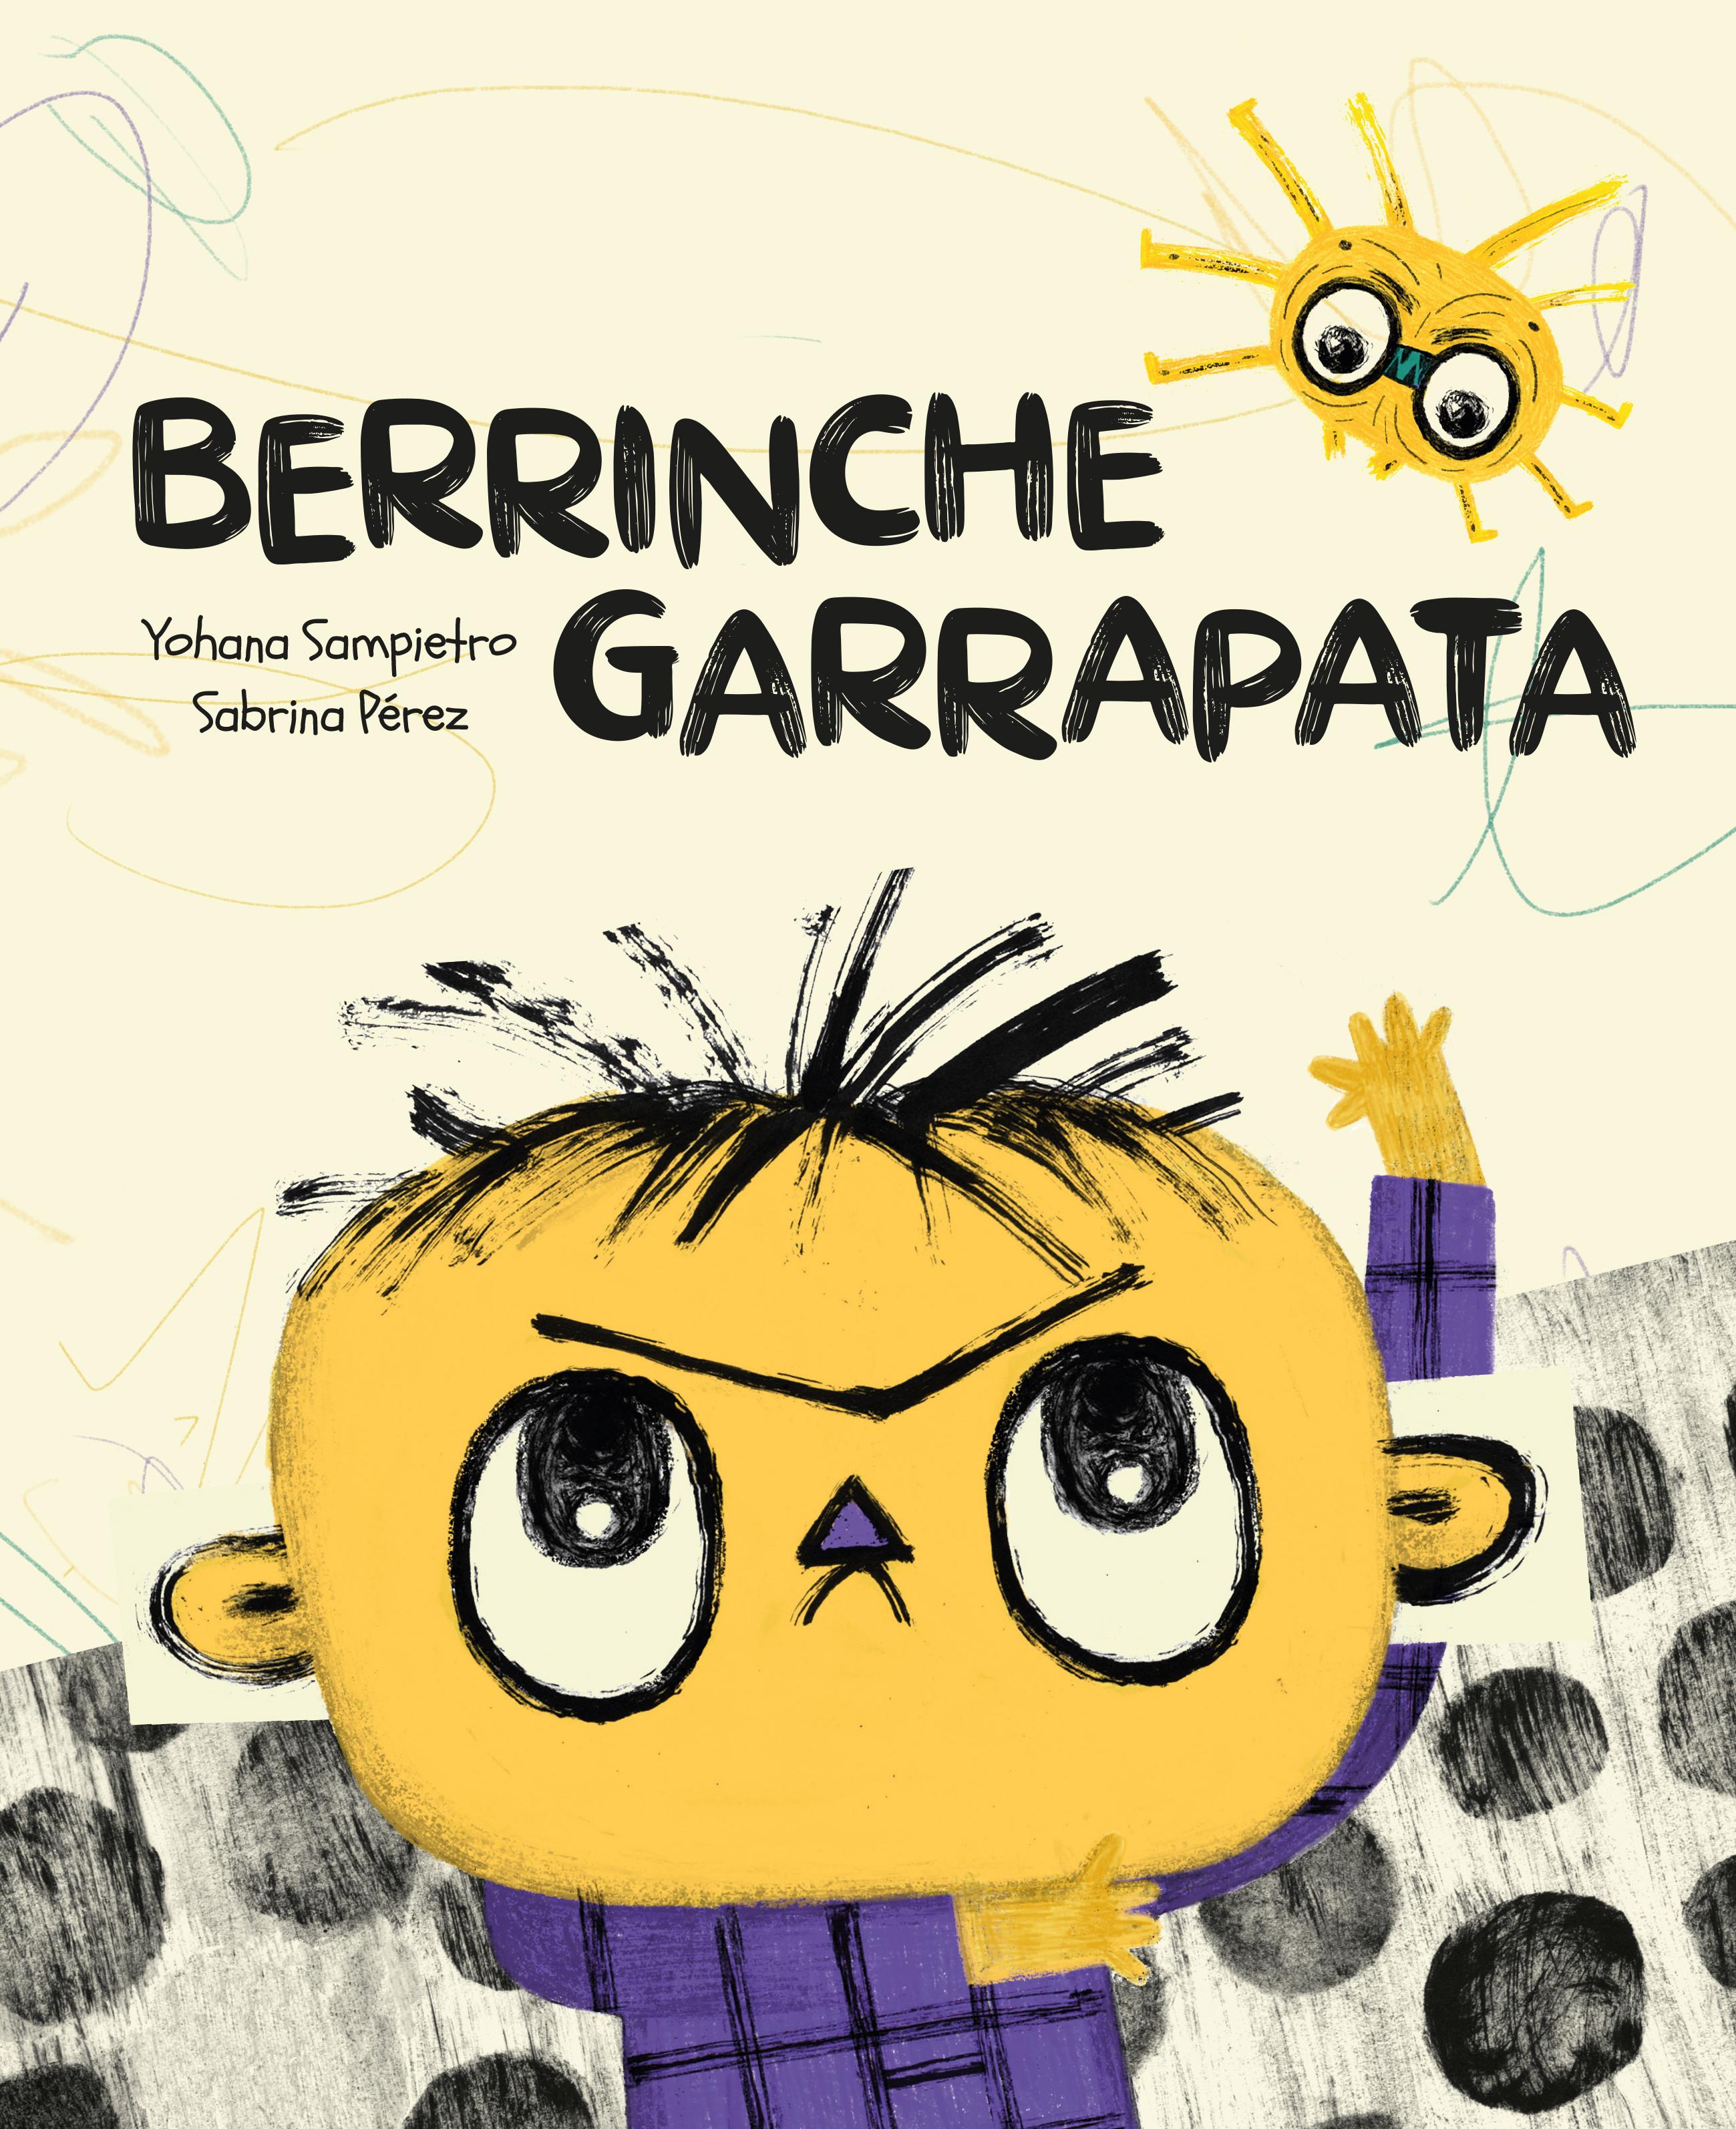 Berrinche Garrapata